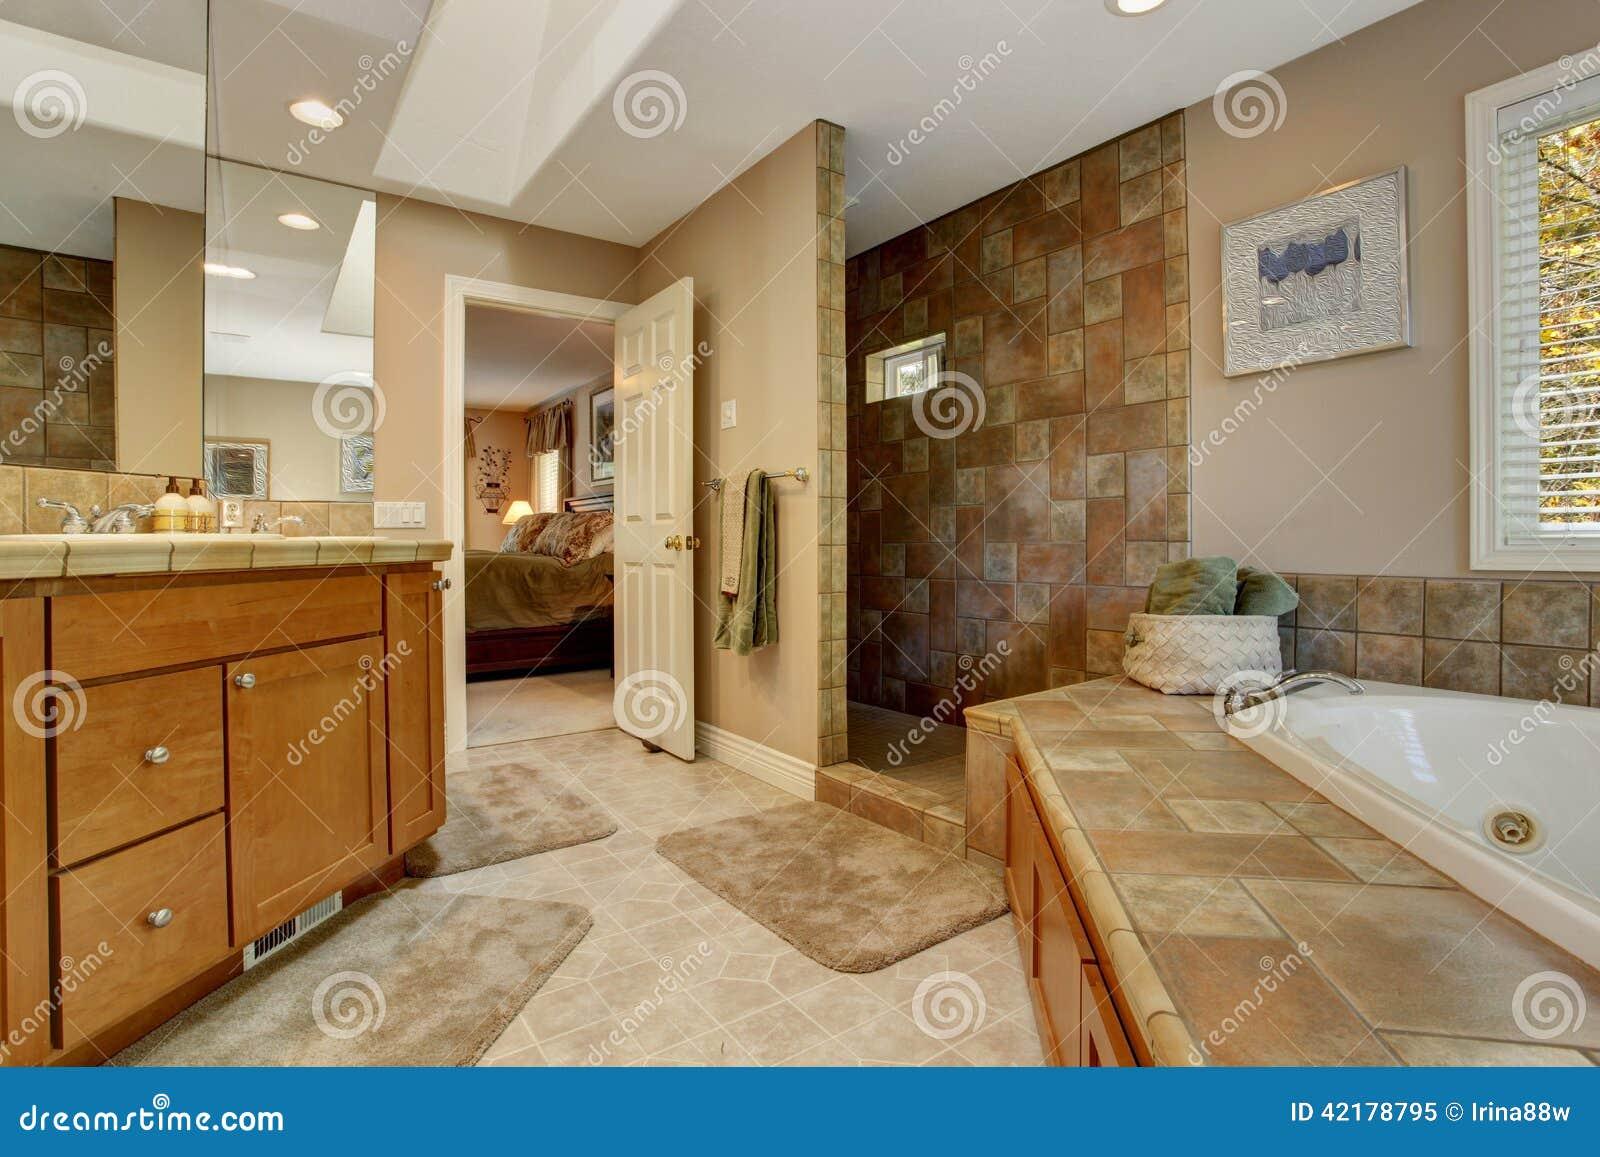 Tinas De Baño Con Ducha: de baño espacioso con la tina de baño de la esquina y abre la ducha